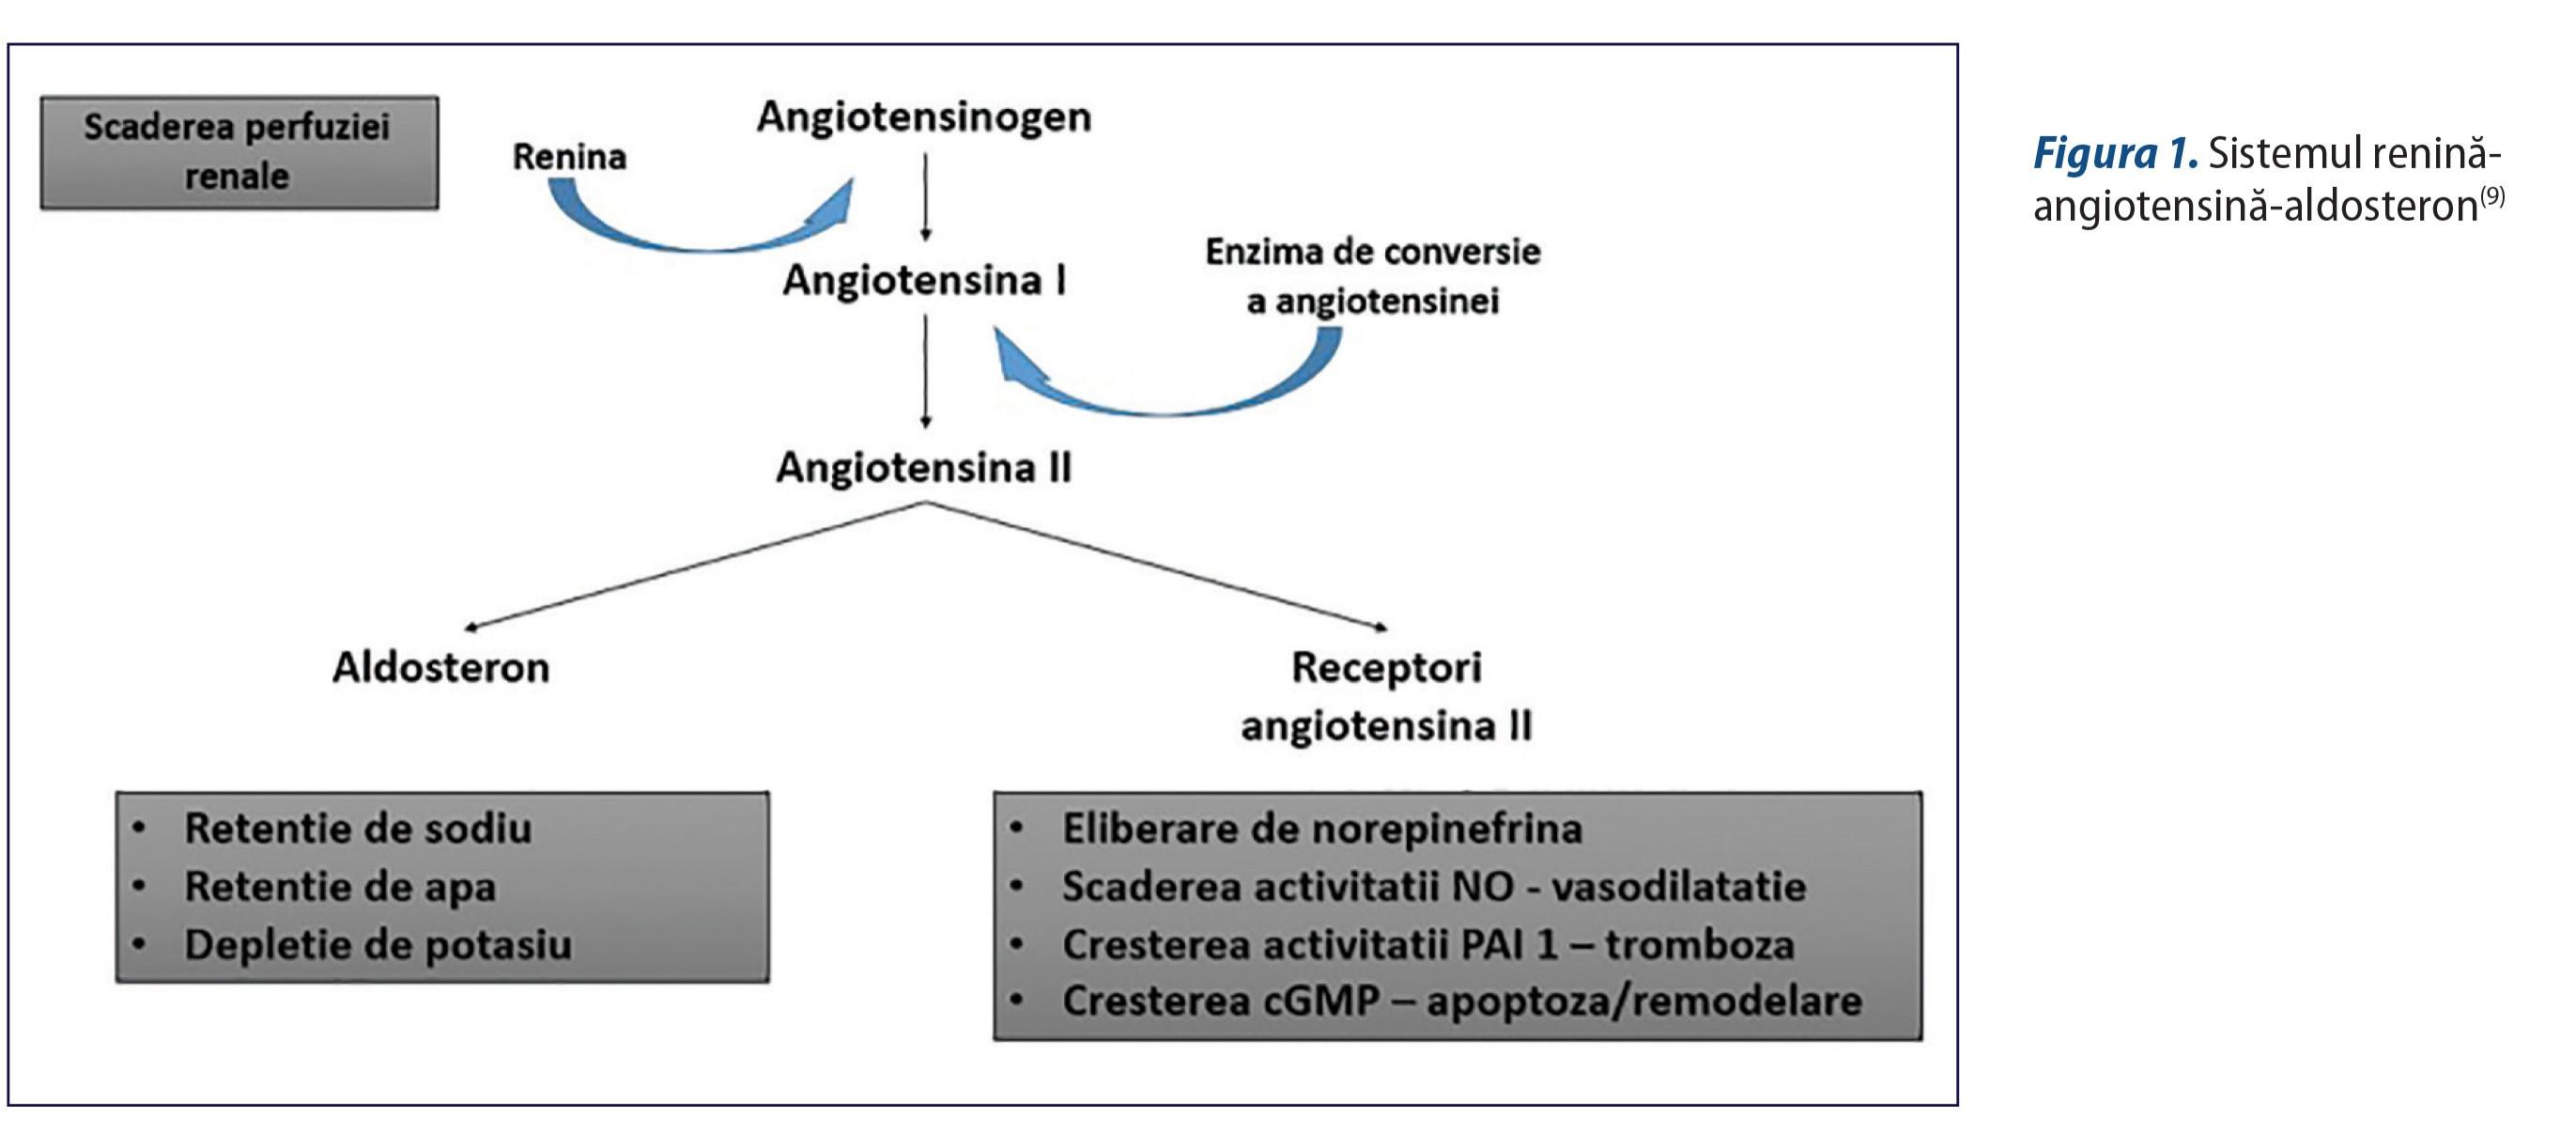 Imagini pentru inhibitorii enzimei de conversie